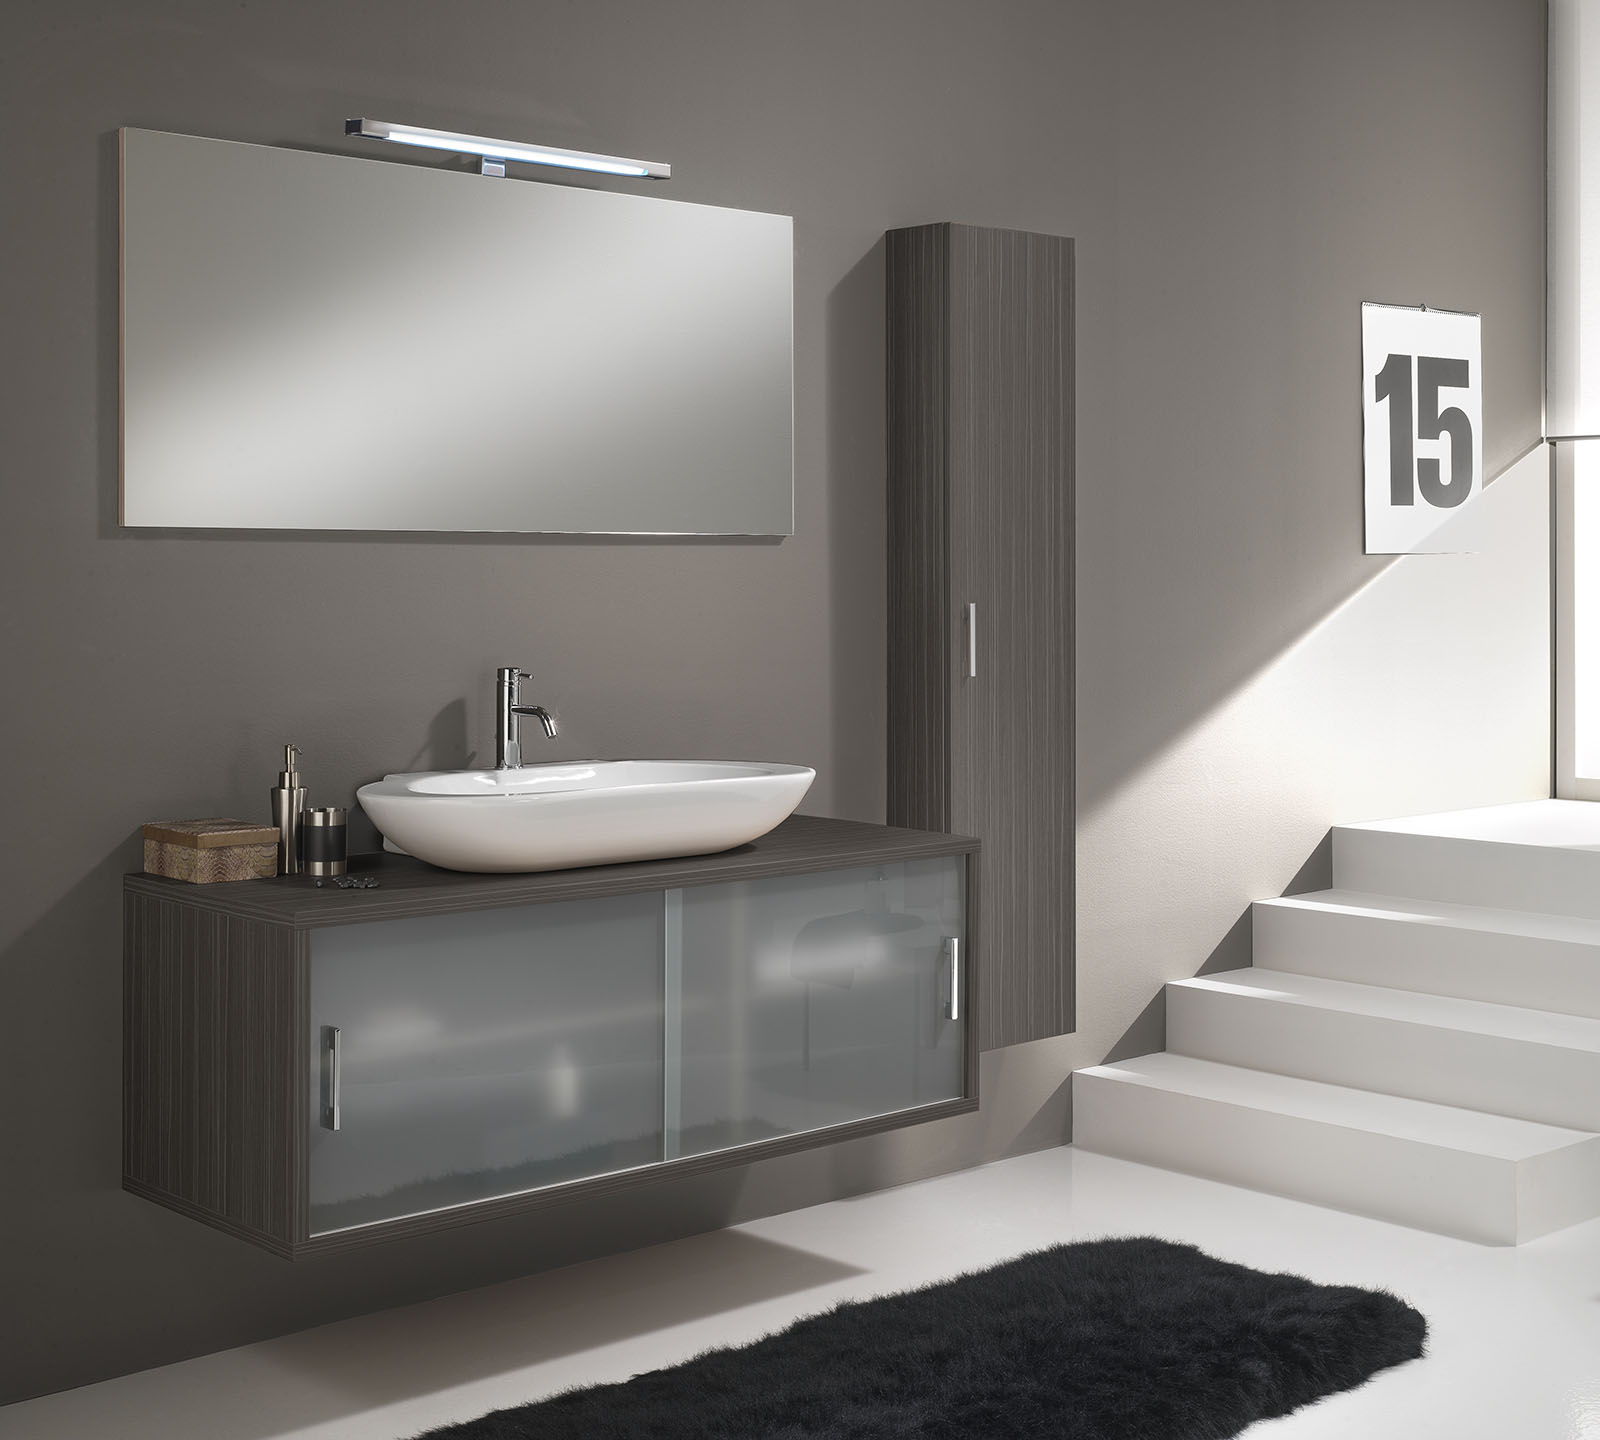 arredo bagno giava 06 pino grigio - cm 130 | duzzle - Arredo Bagno Moderno On Line